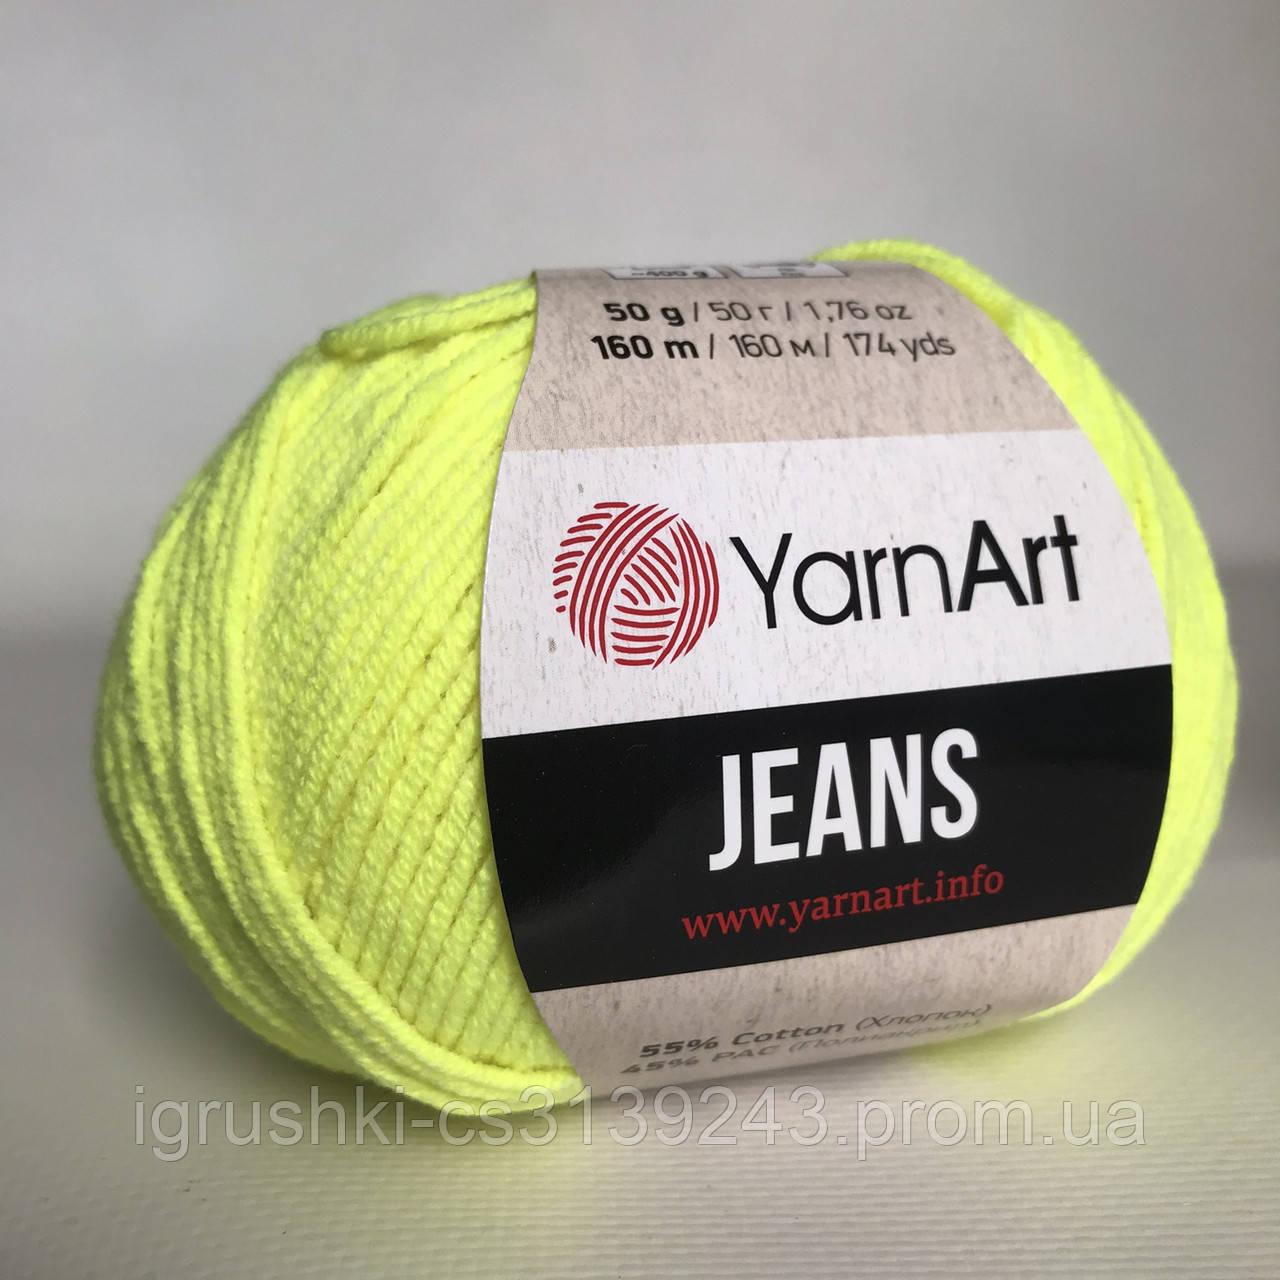 YarnArt Jeans (ярнарт джинс) 58 Липа